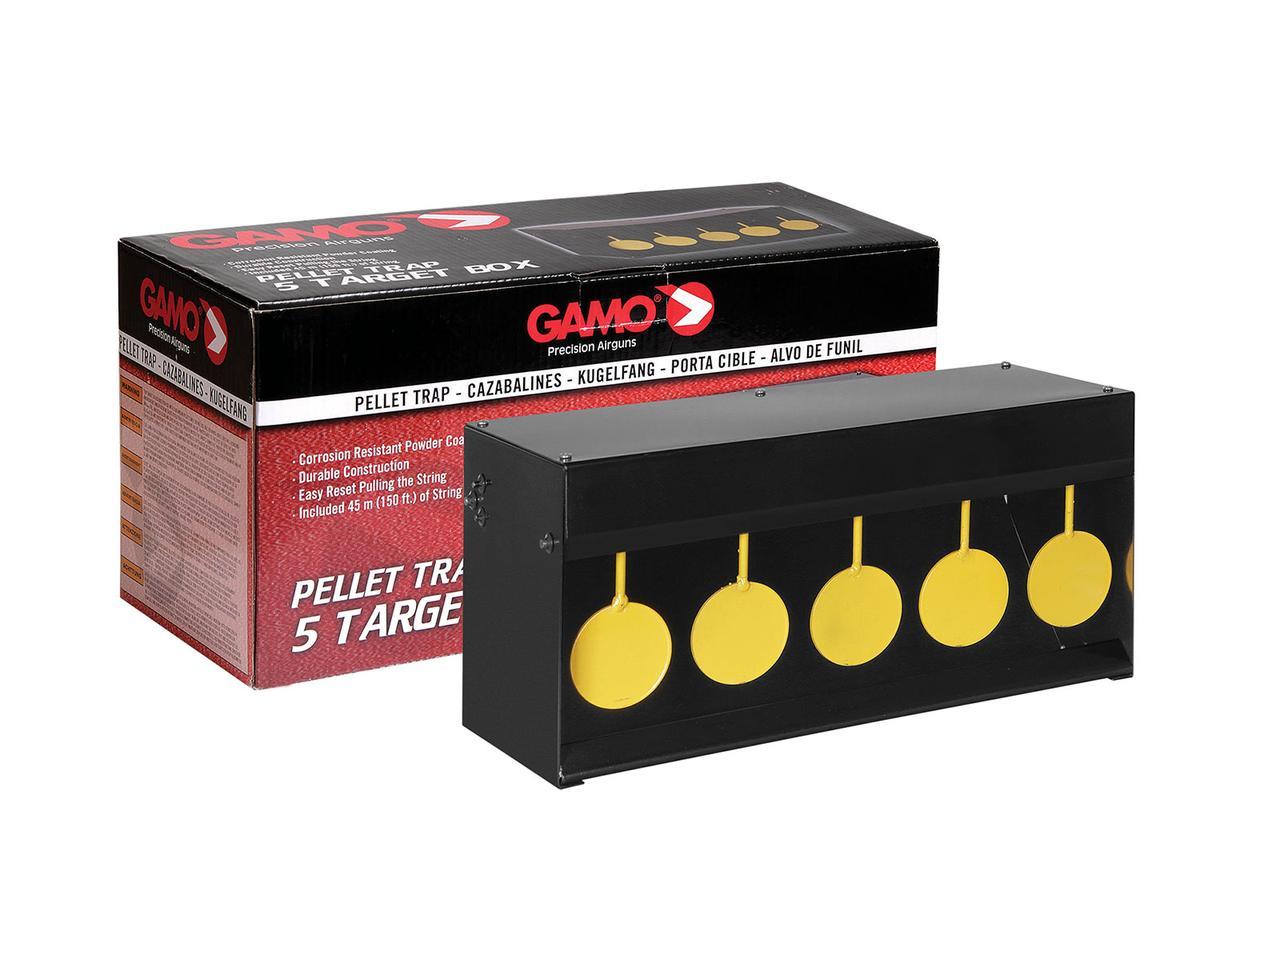 Мини-тир Gamo 5 Target